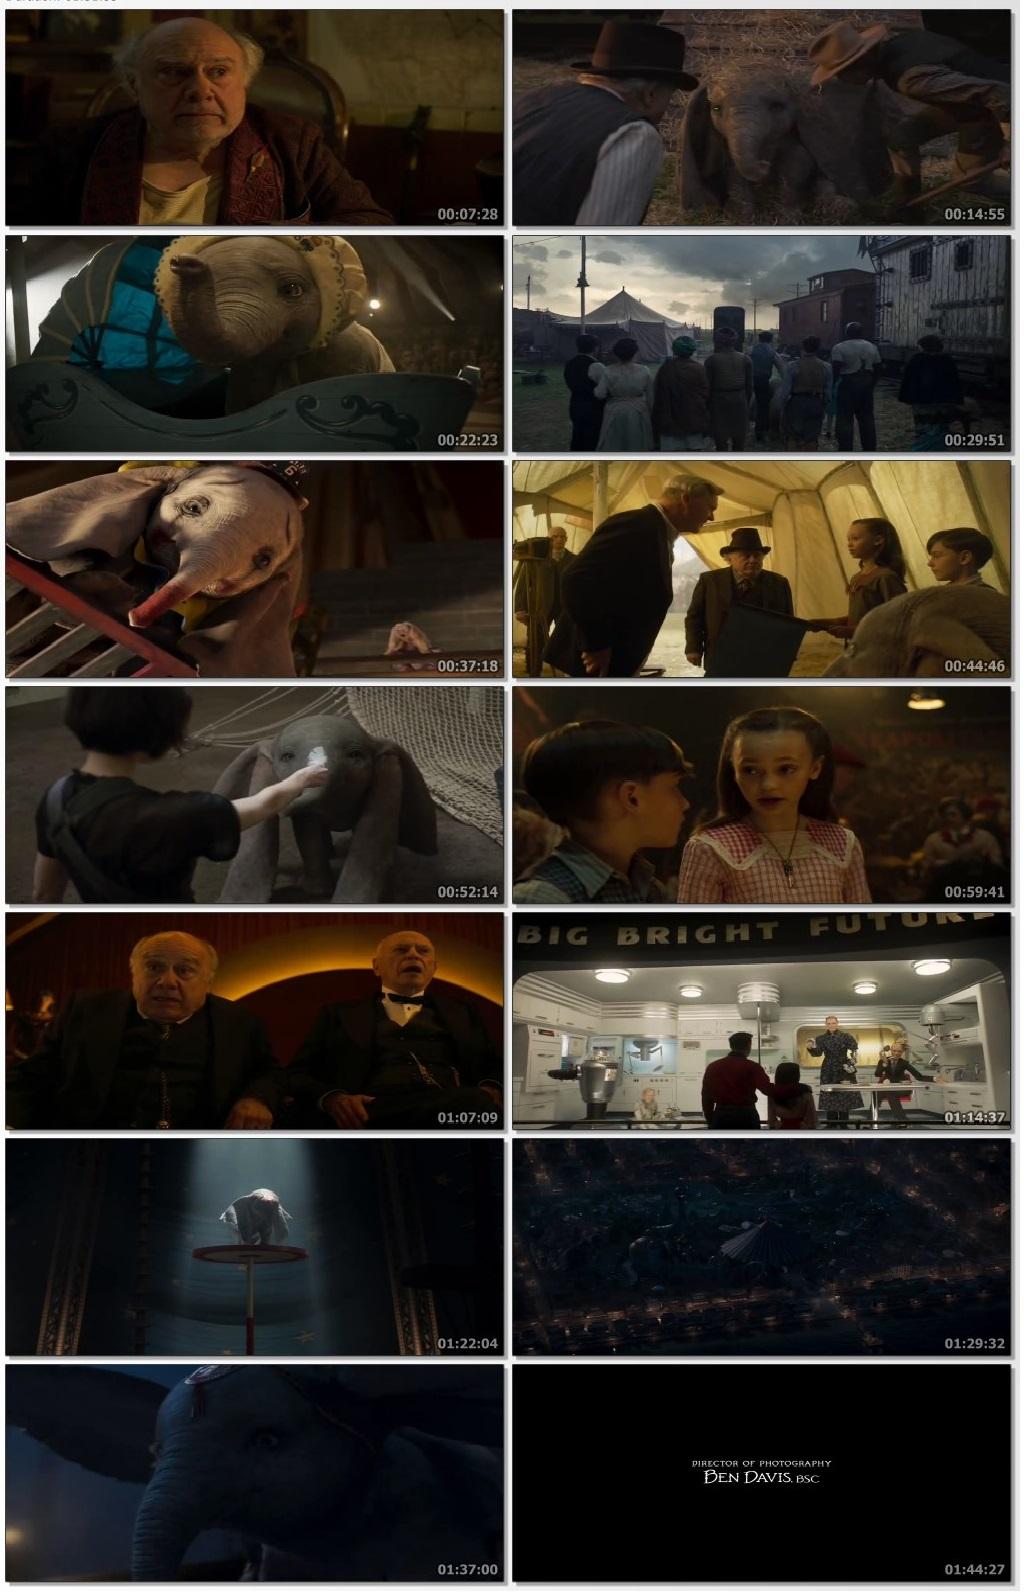 Dumbo 2019 Full Movie Dual Audio (Hindi-English) DVDRip 720p 3